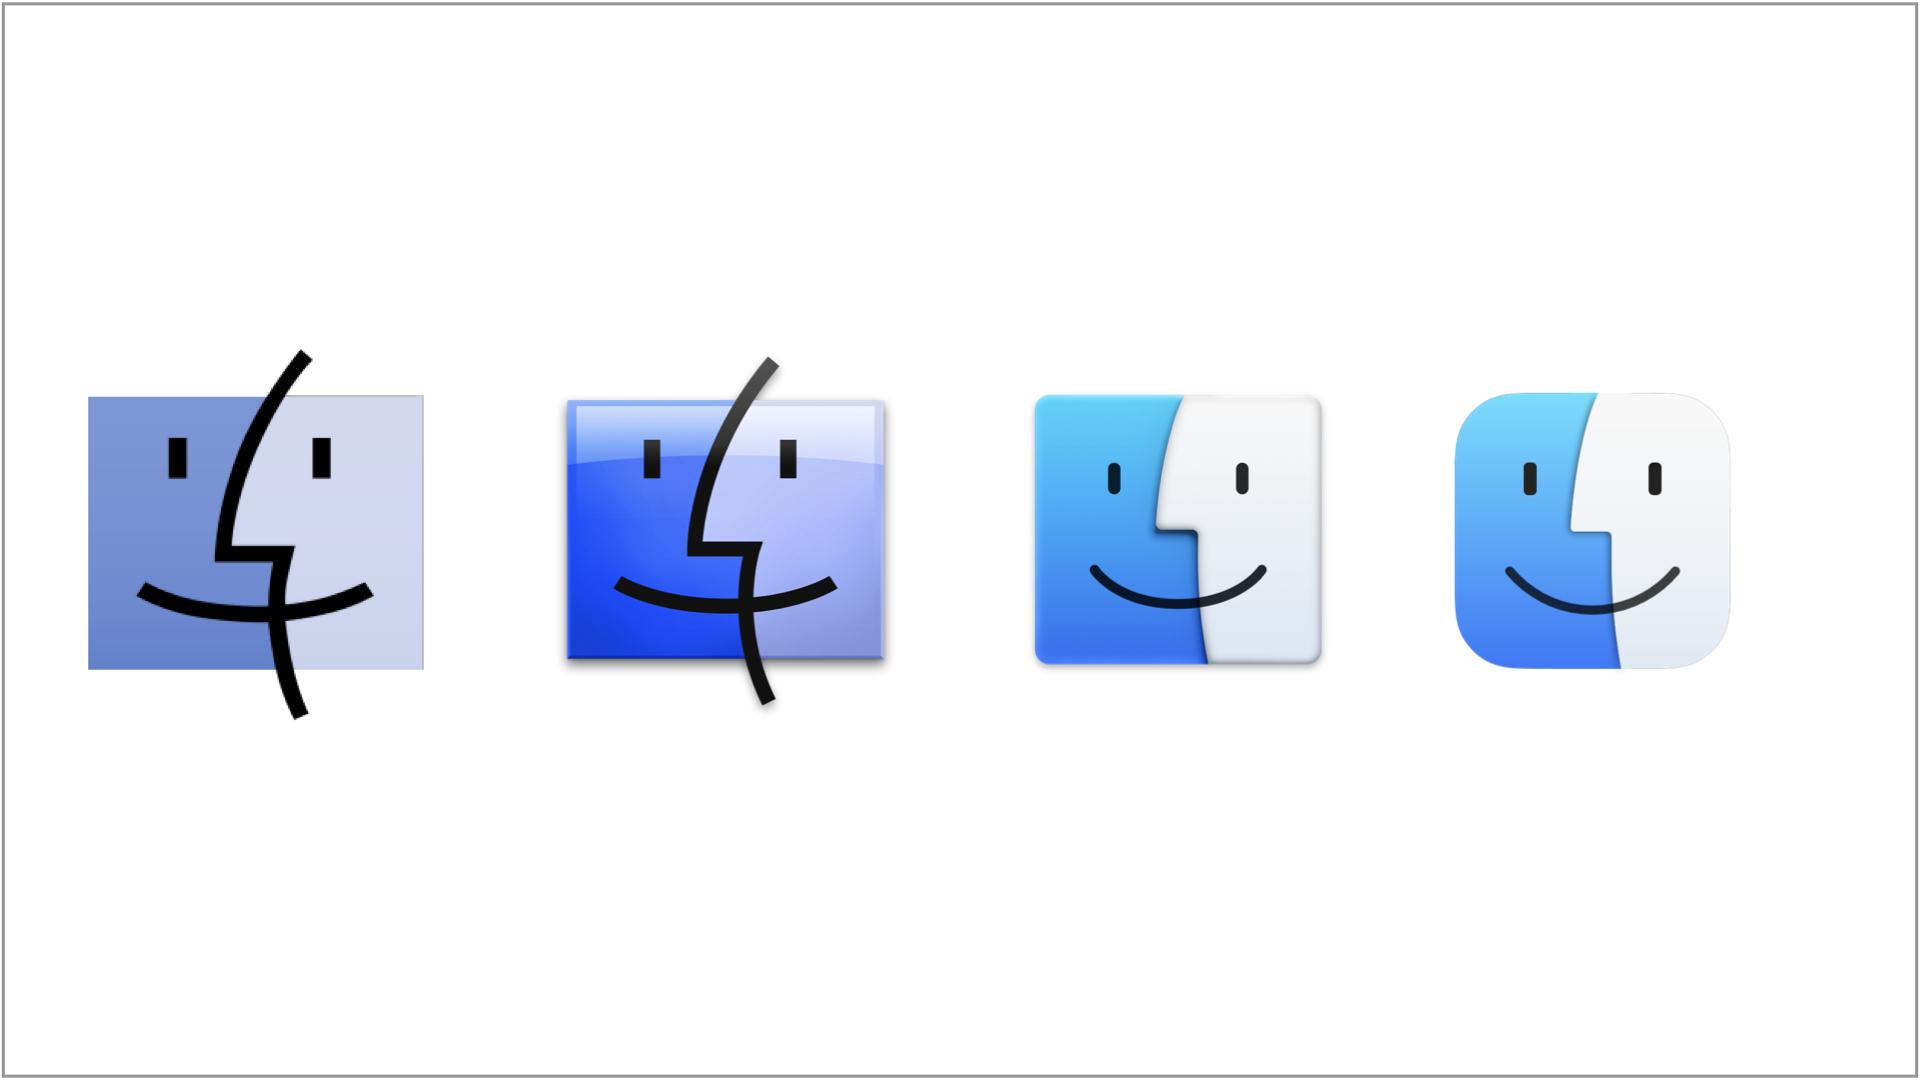 更改 Mac 圖示